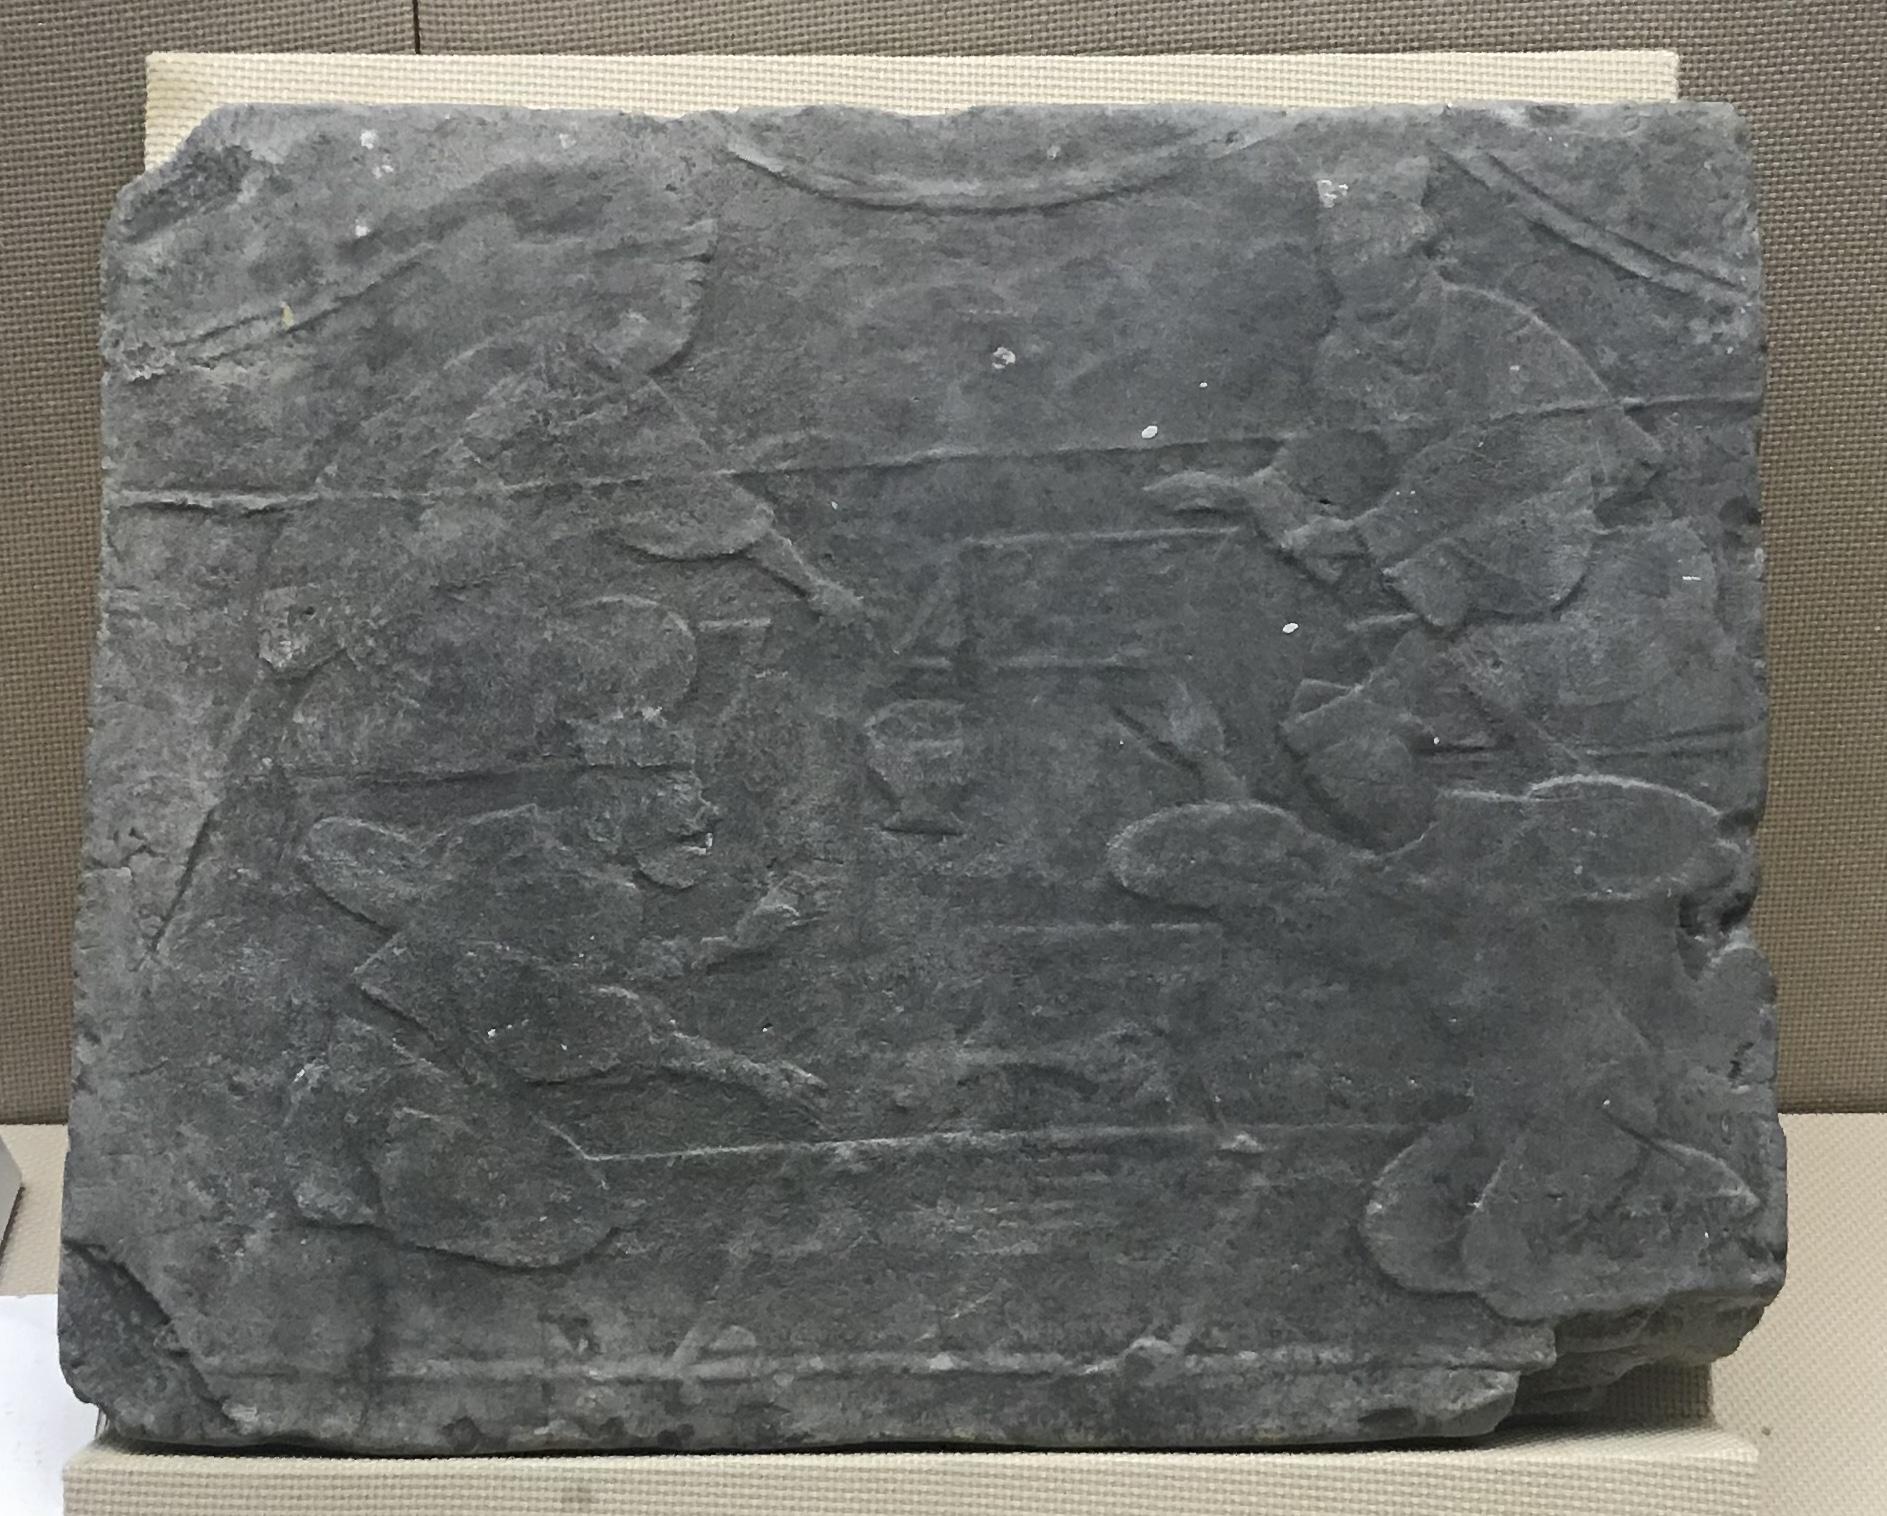 六博画像レンガ-東漢-新津県-四川漢代陶石芸術館-四川博物院-成都